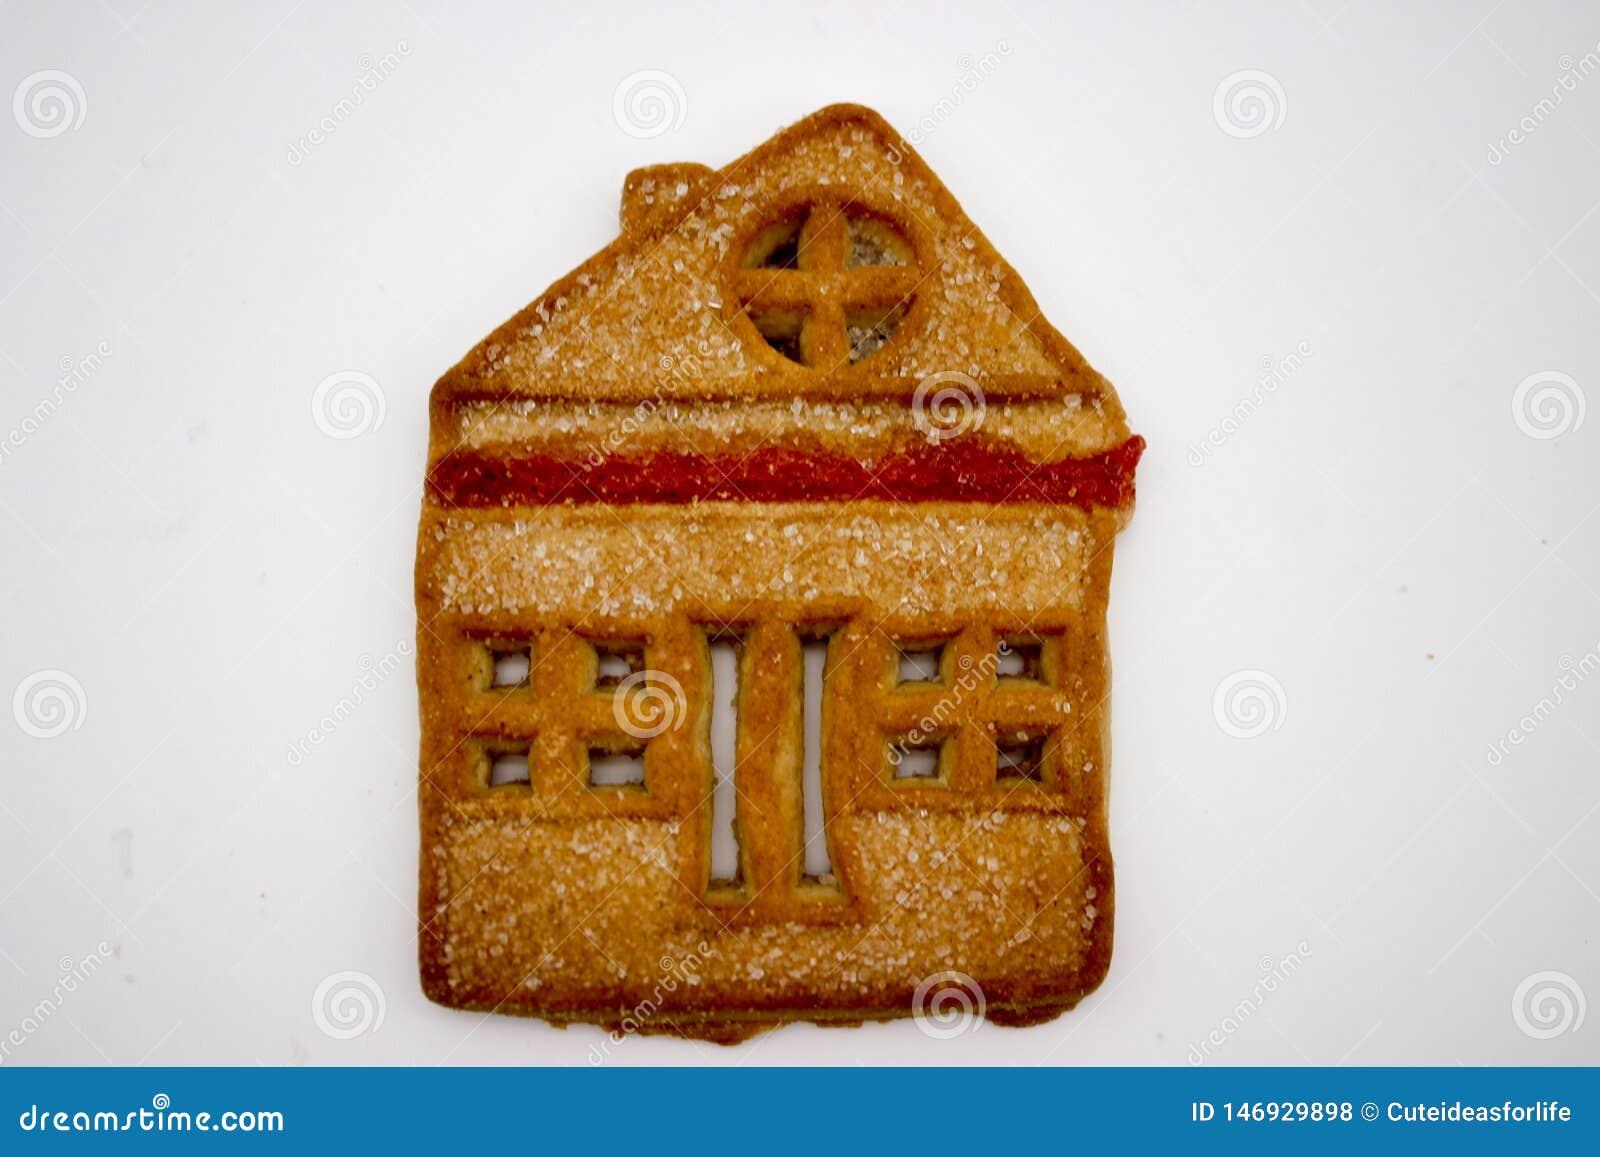 Prachtige en Heerlijke Koekjes met Marmelade in de vorm van een ??n-Verhaal Huis